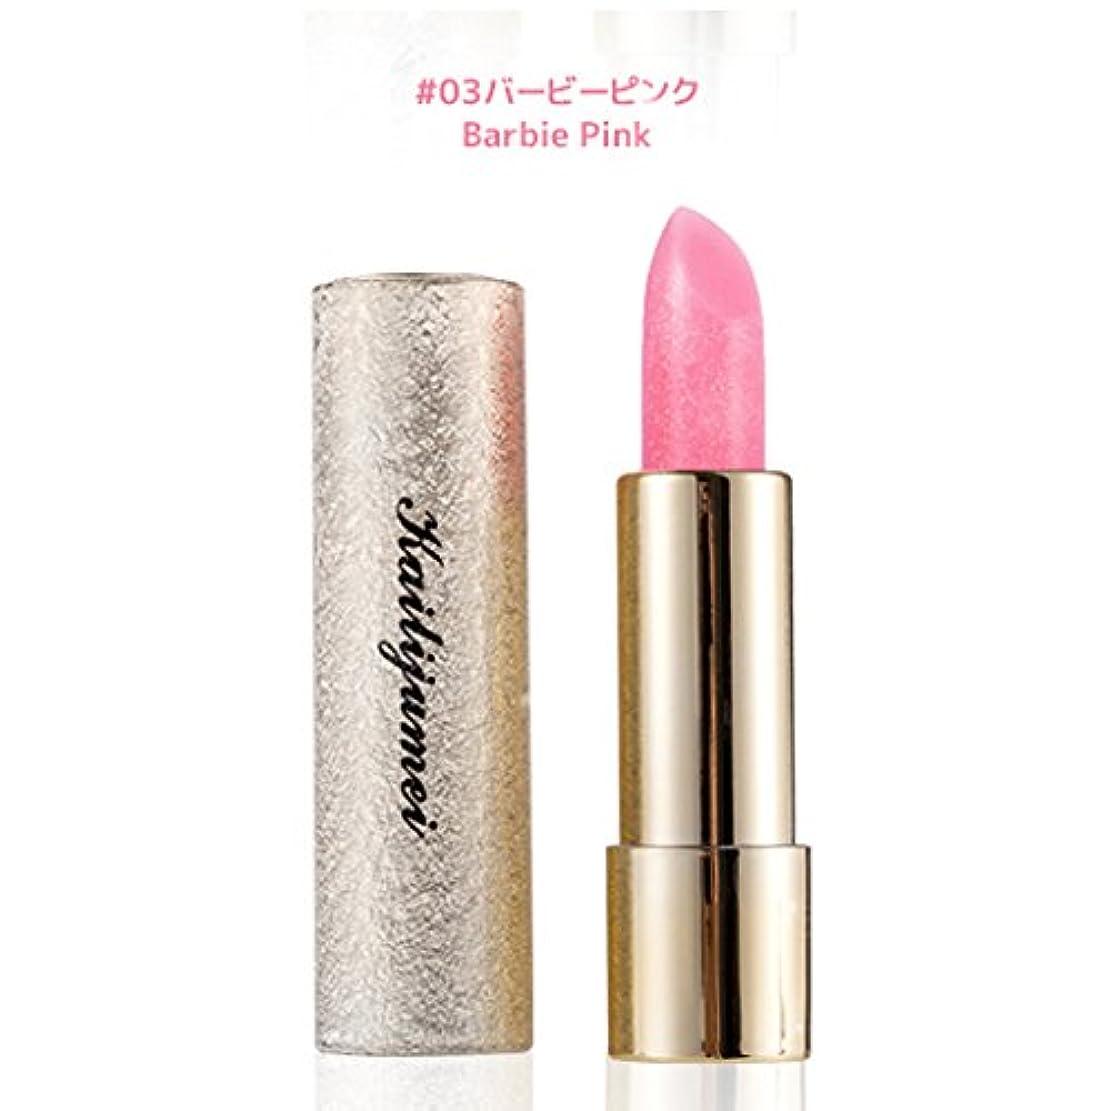 誤解する肉屋仮定、想定。推測【Kailijumei】カイリジュメイ ブライトパール リップスティック/03# バービーピンク/Barbie Pink/Bright Pearl/温度によって色が変わる/口紅/リップクリーム/リップグロス/正規品 [メール便]